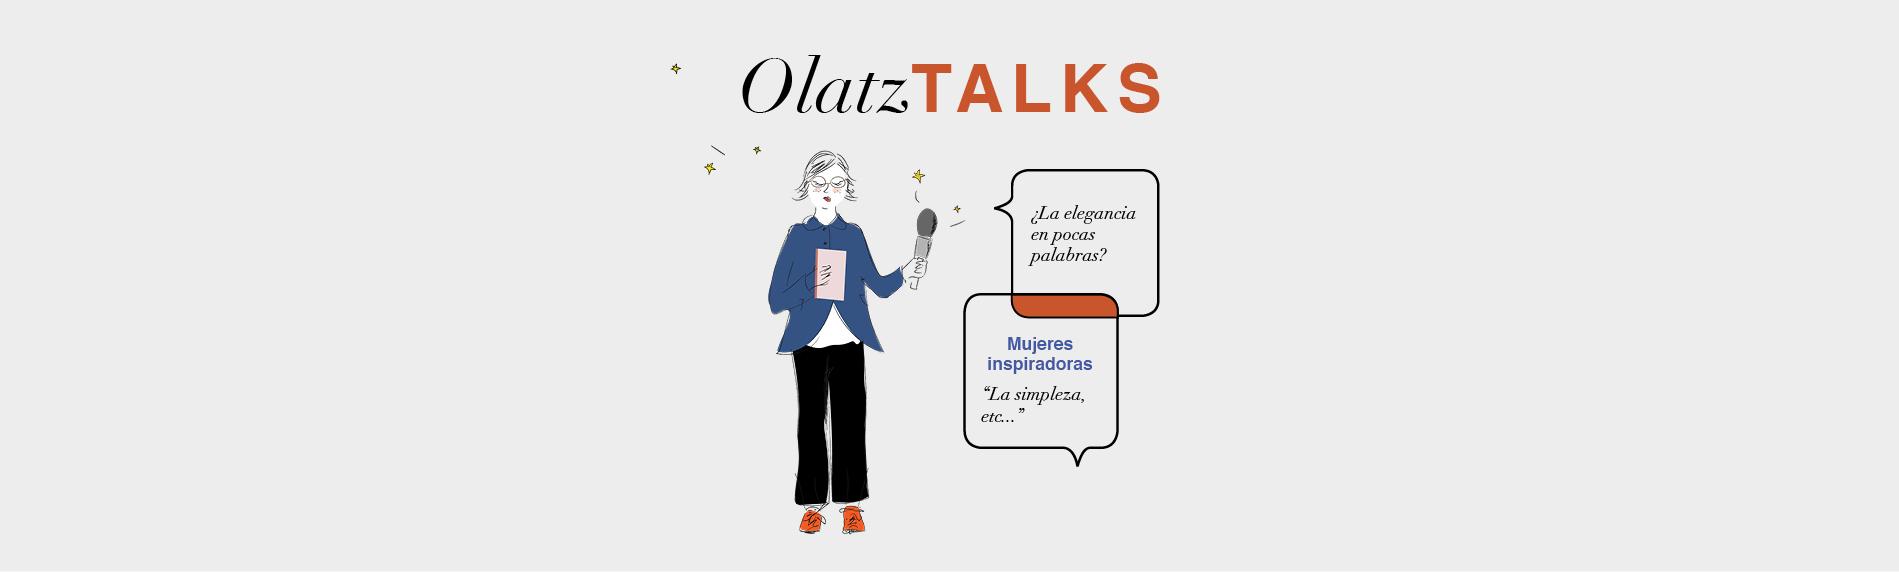 12-olatz-talks